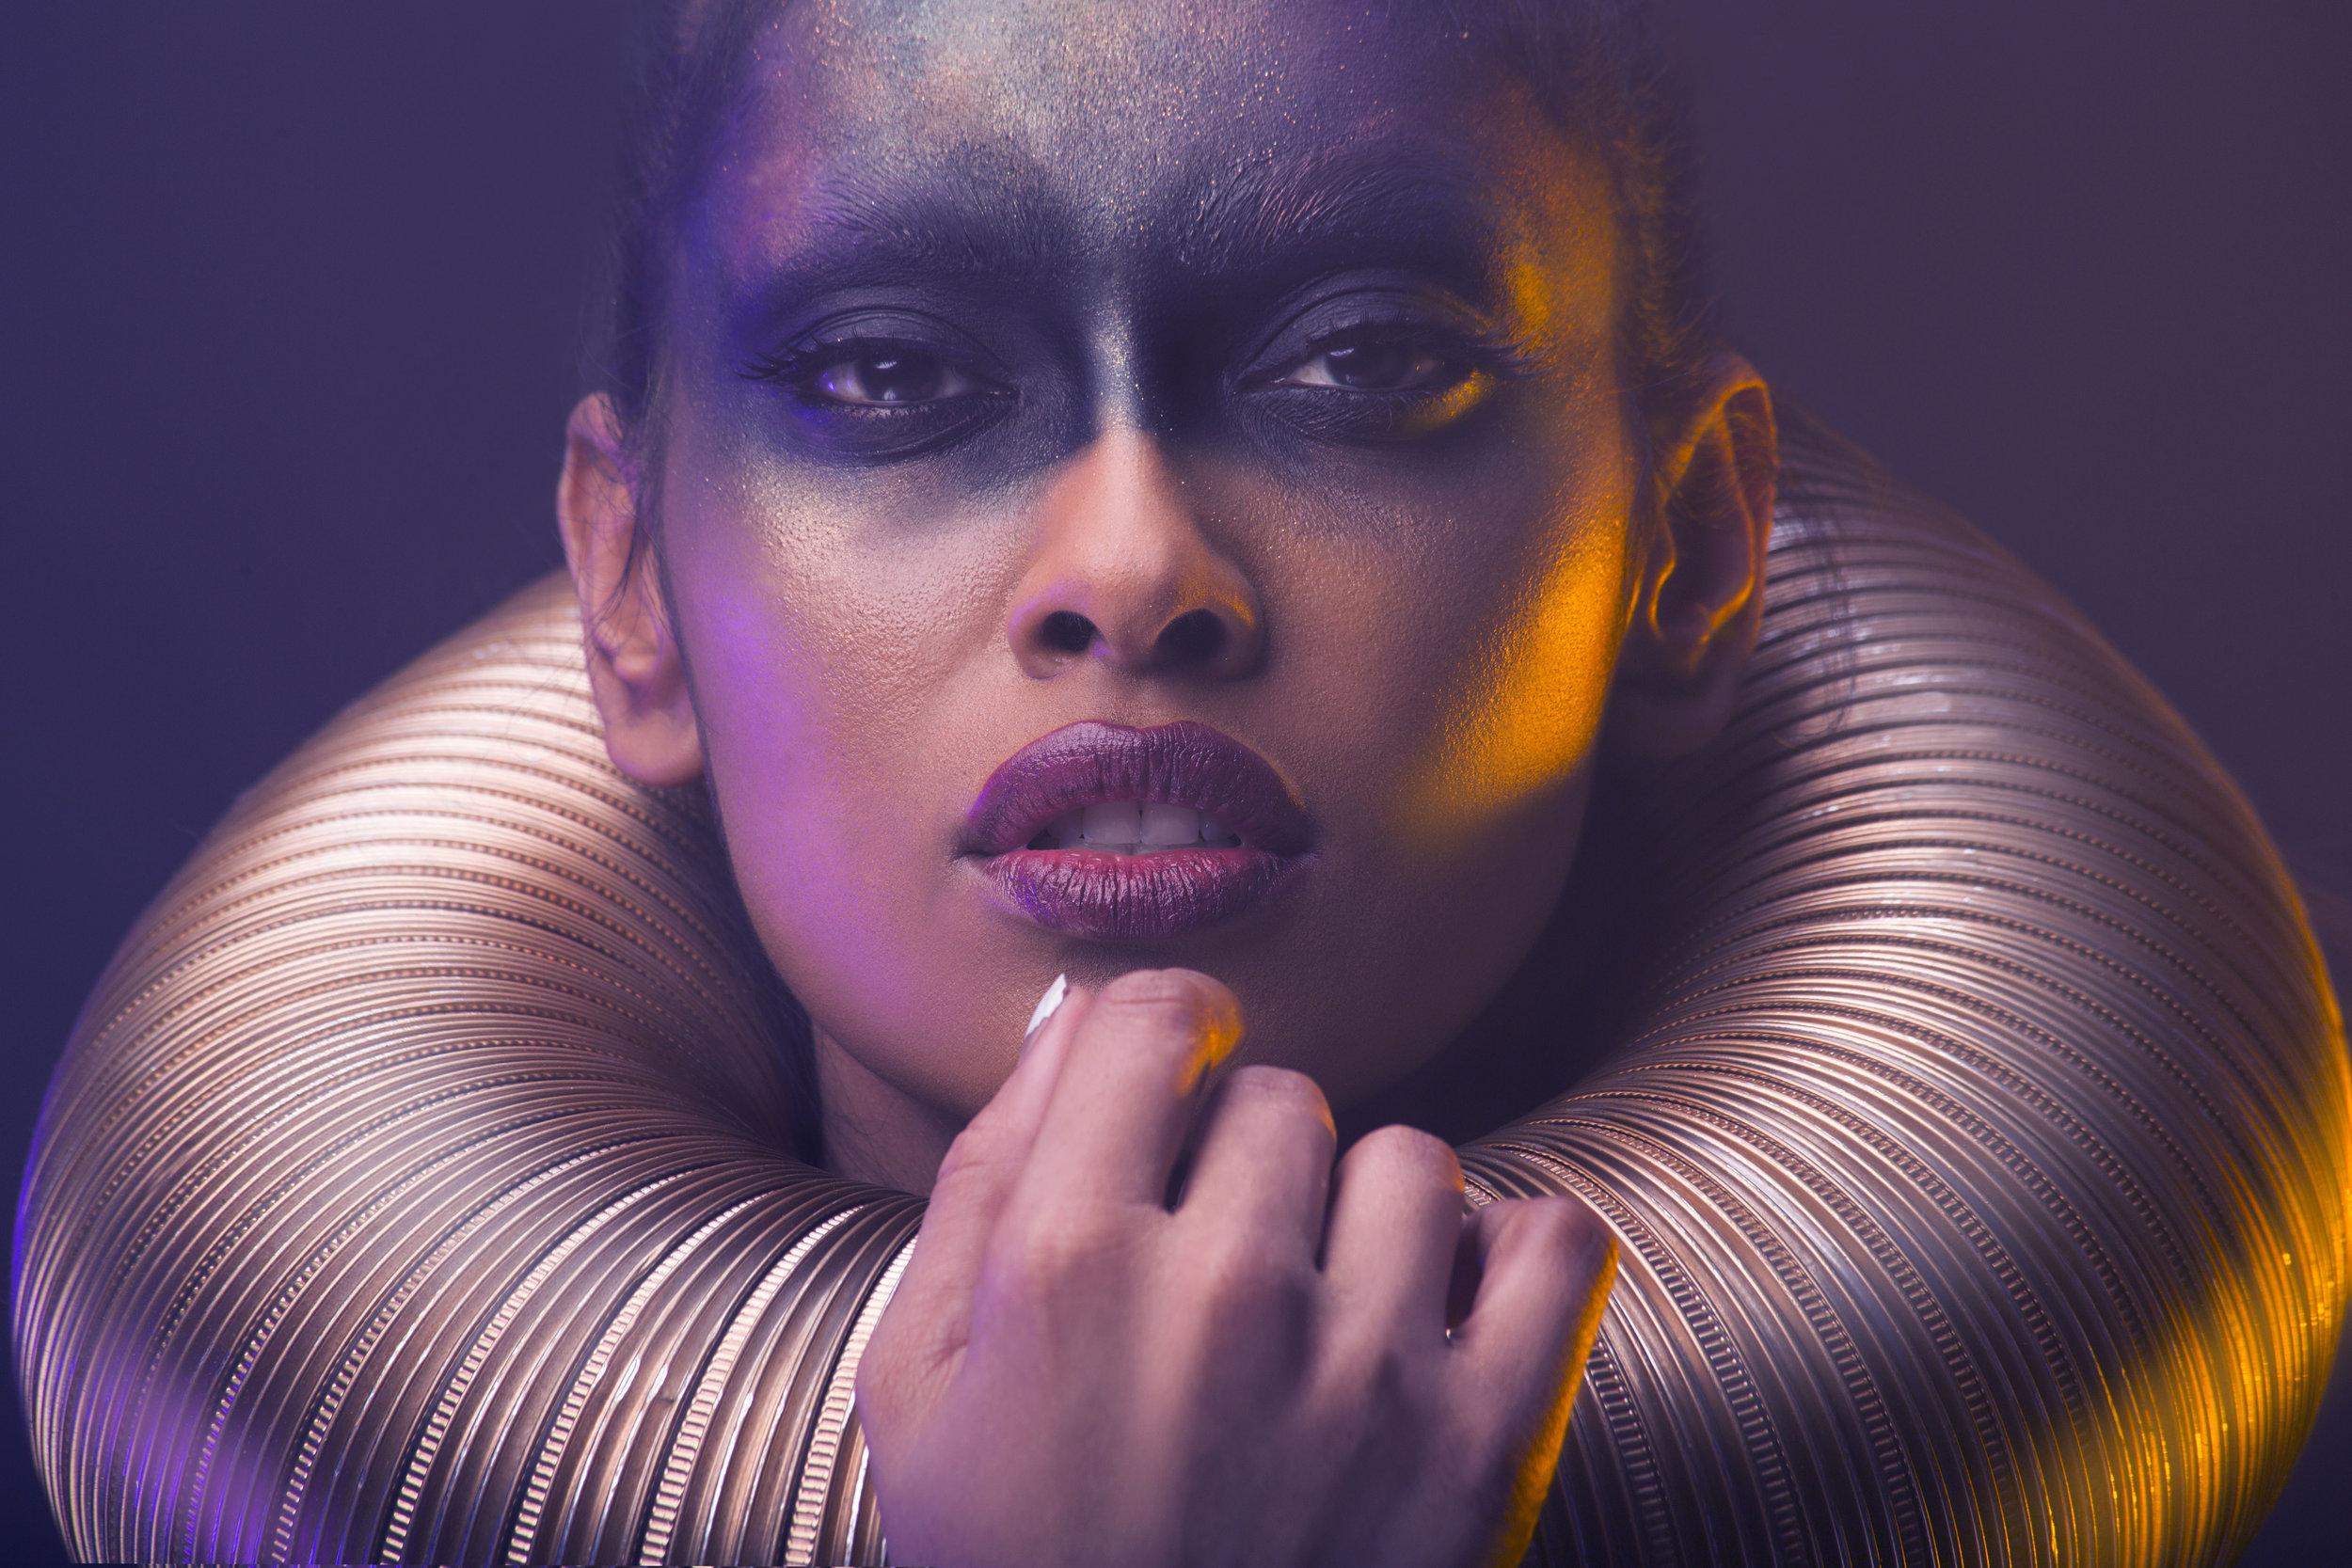 Model: Tas Aleeah